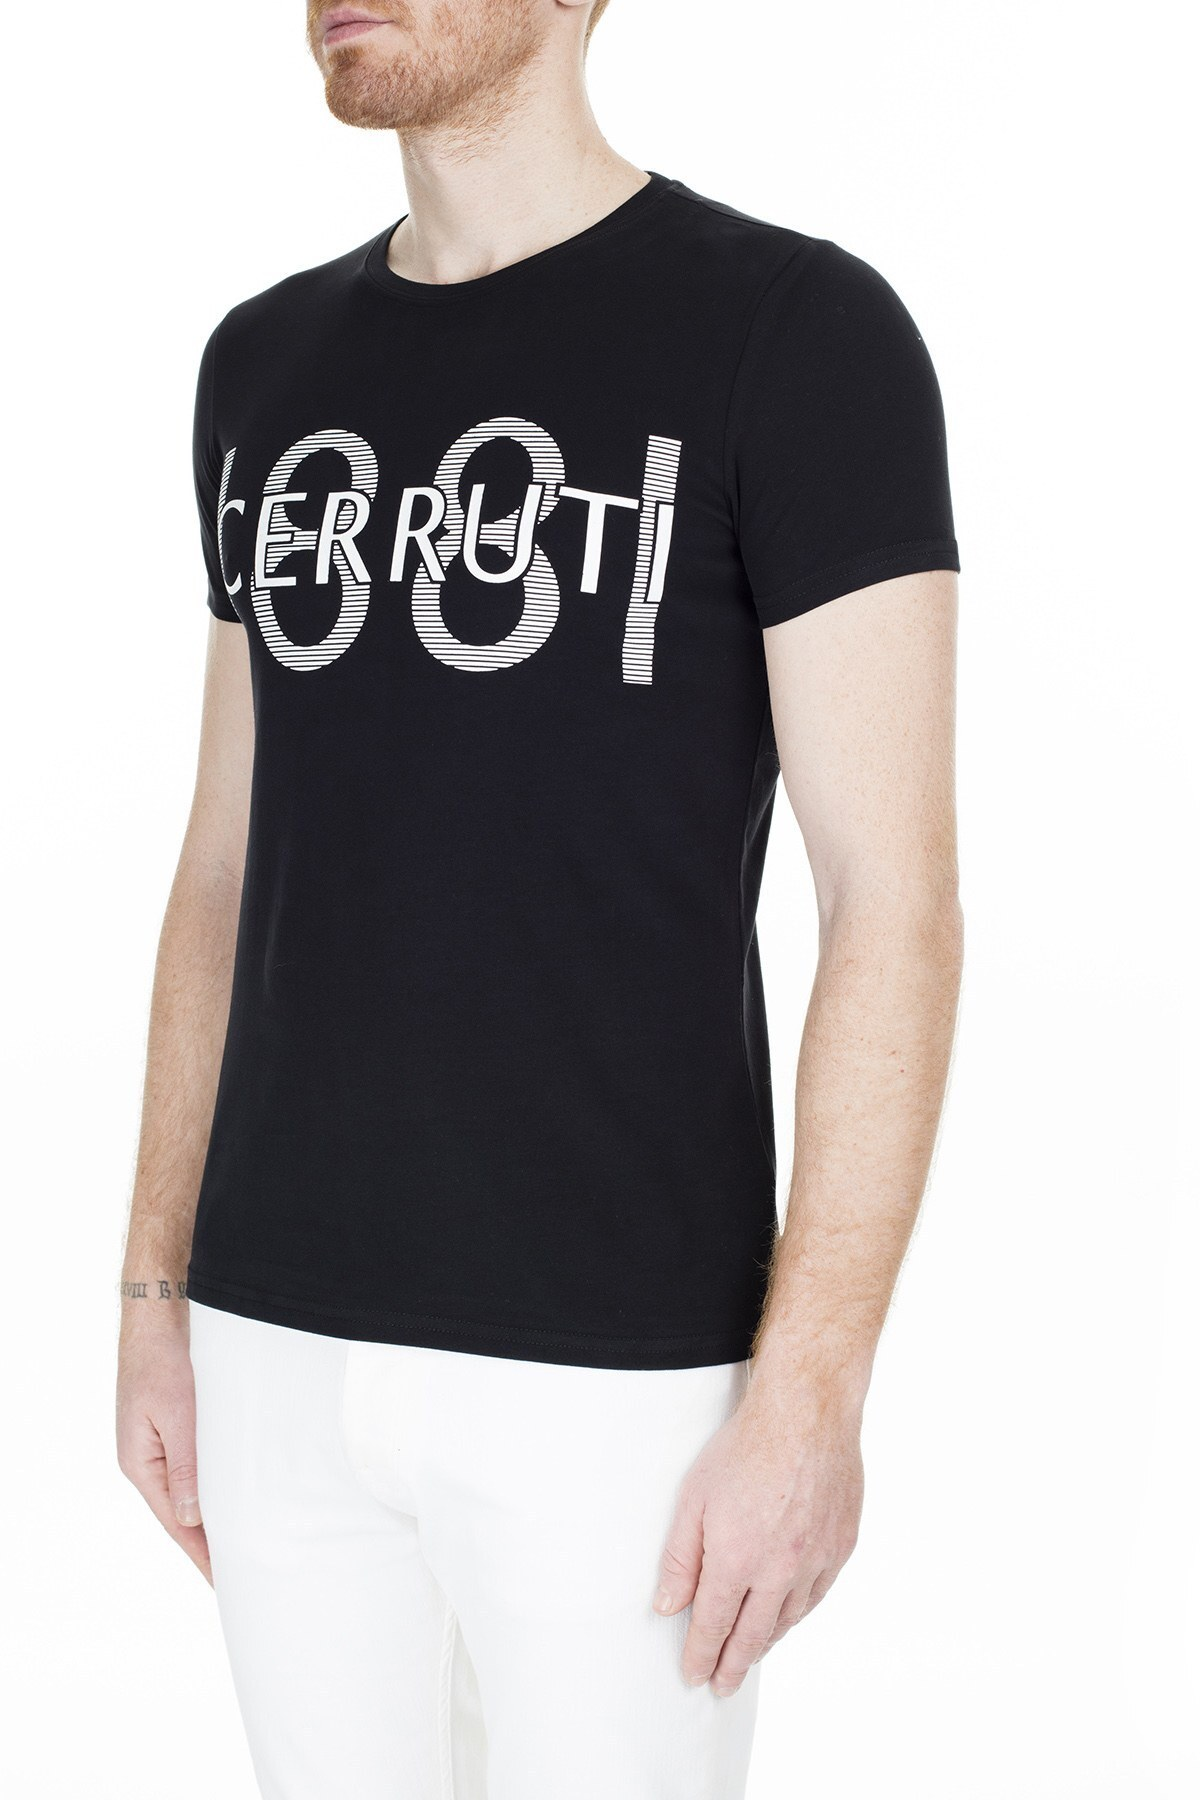 Cerruti 1881 Erkek T Shirt 203-001646 SİYAH